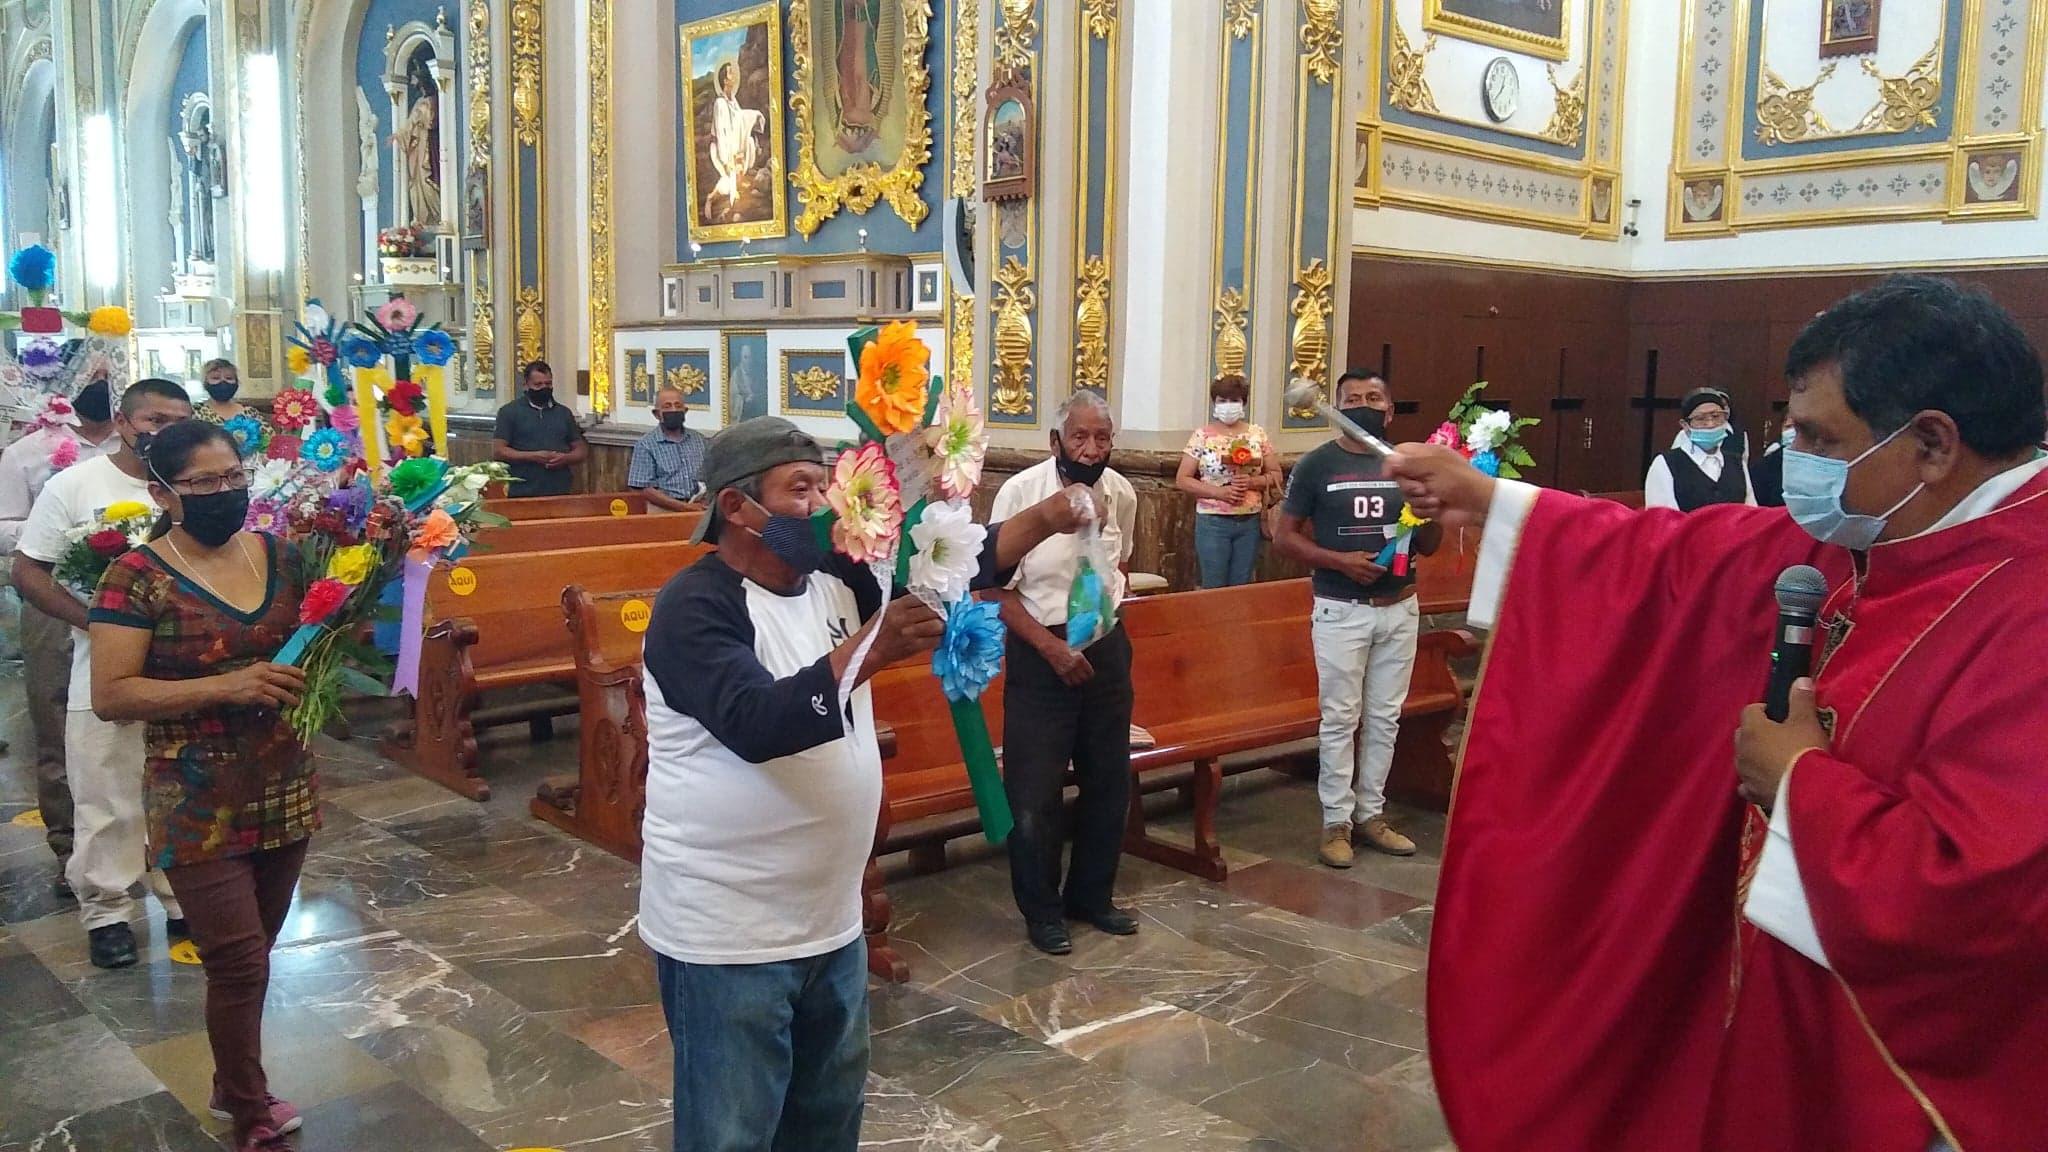 Con poco trabajo y mucha fe albañiles celebran el Día de la Santa Cruz en Tehuacán